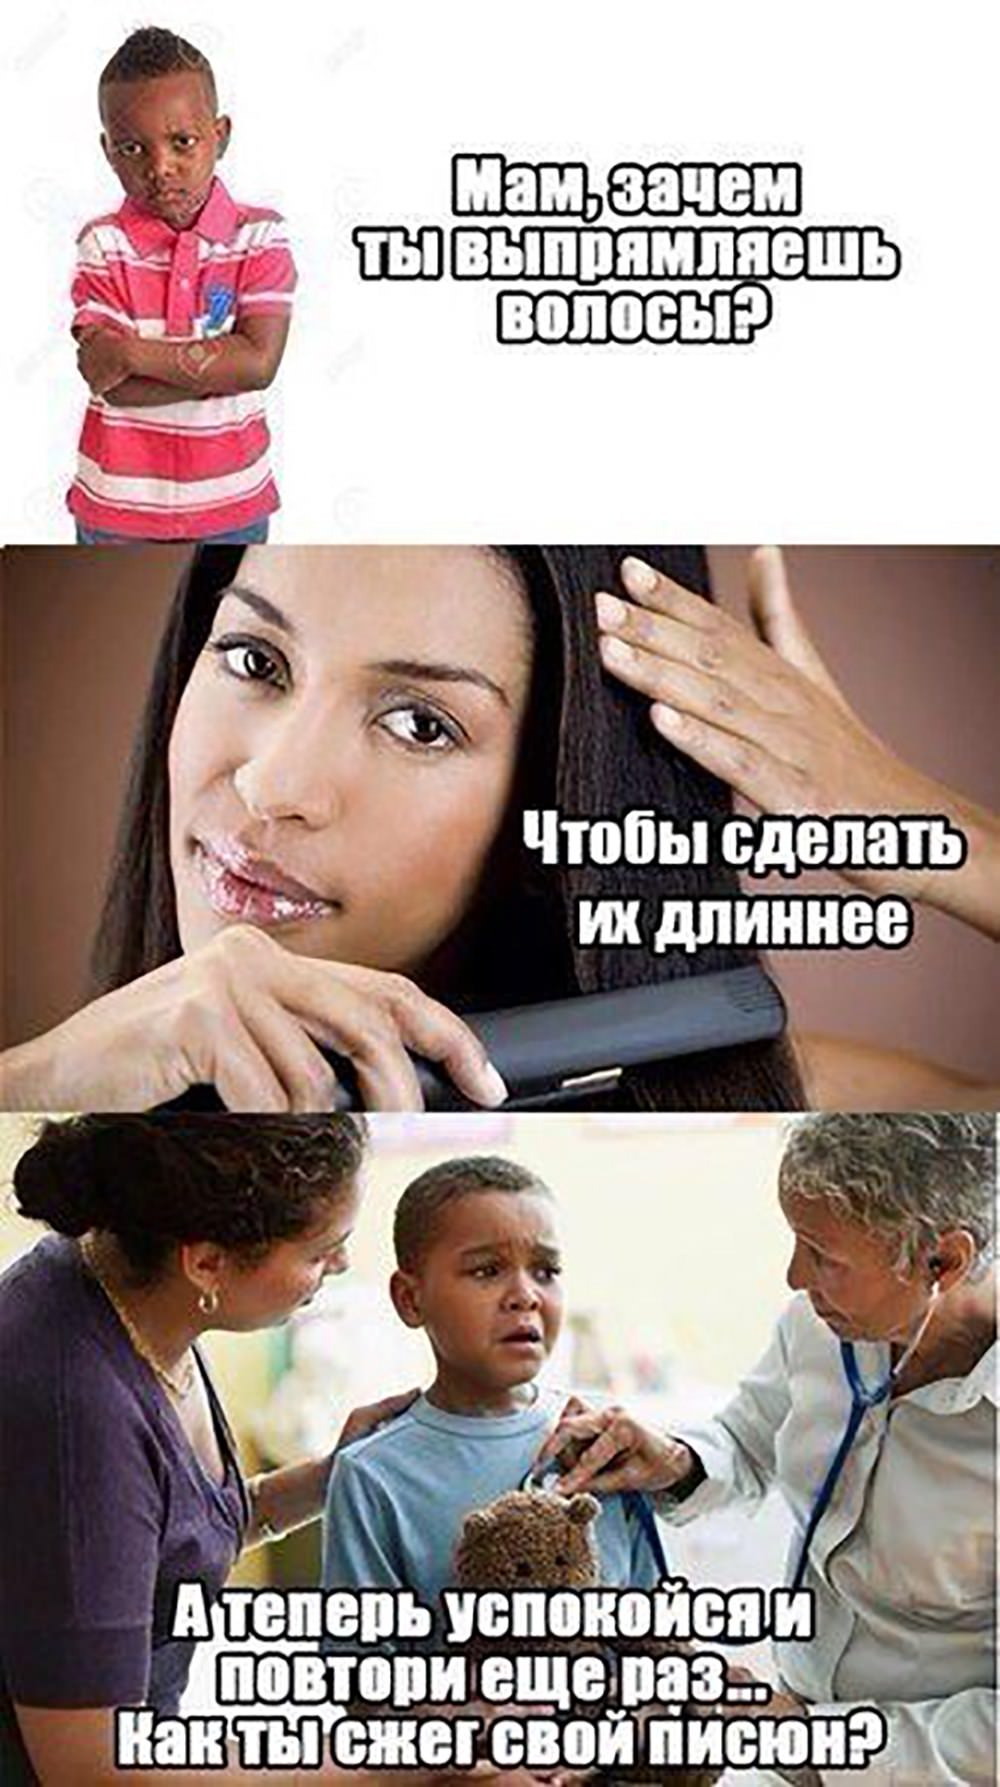 Мемы (28 фото) 15.03.2019 анджелина джоли